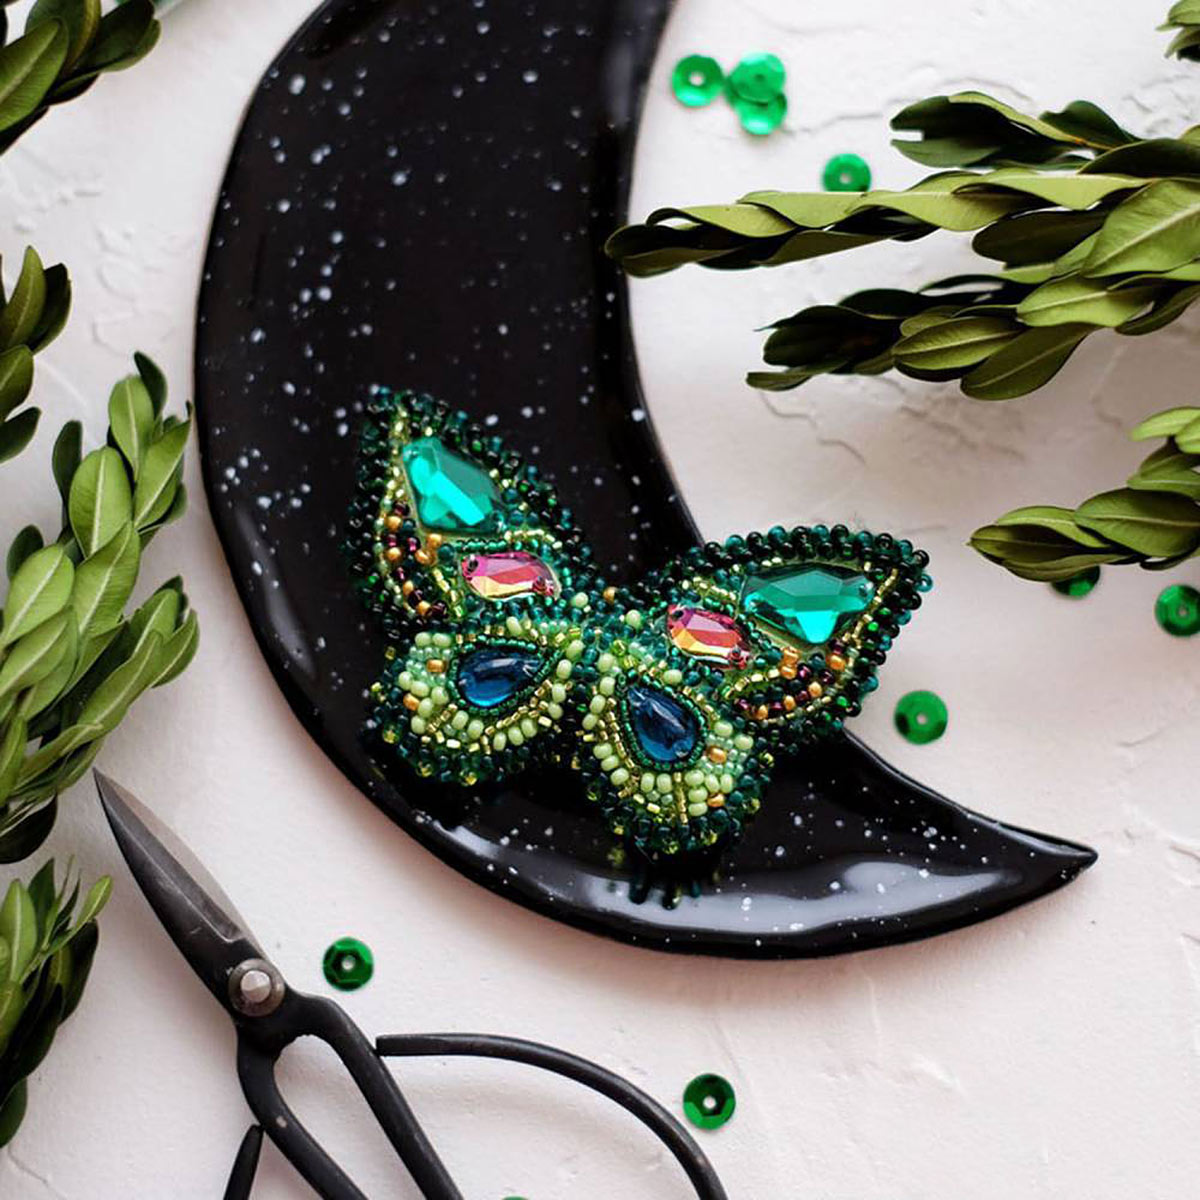 АД-035 Набор для вышивки бисером украшения на натур. художественном холсте 'Изумрудный август'7,0*4,0см